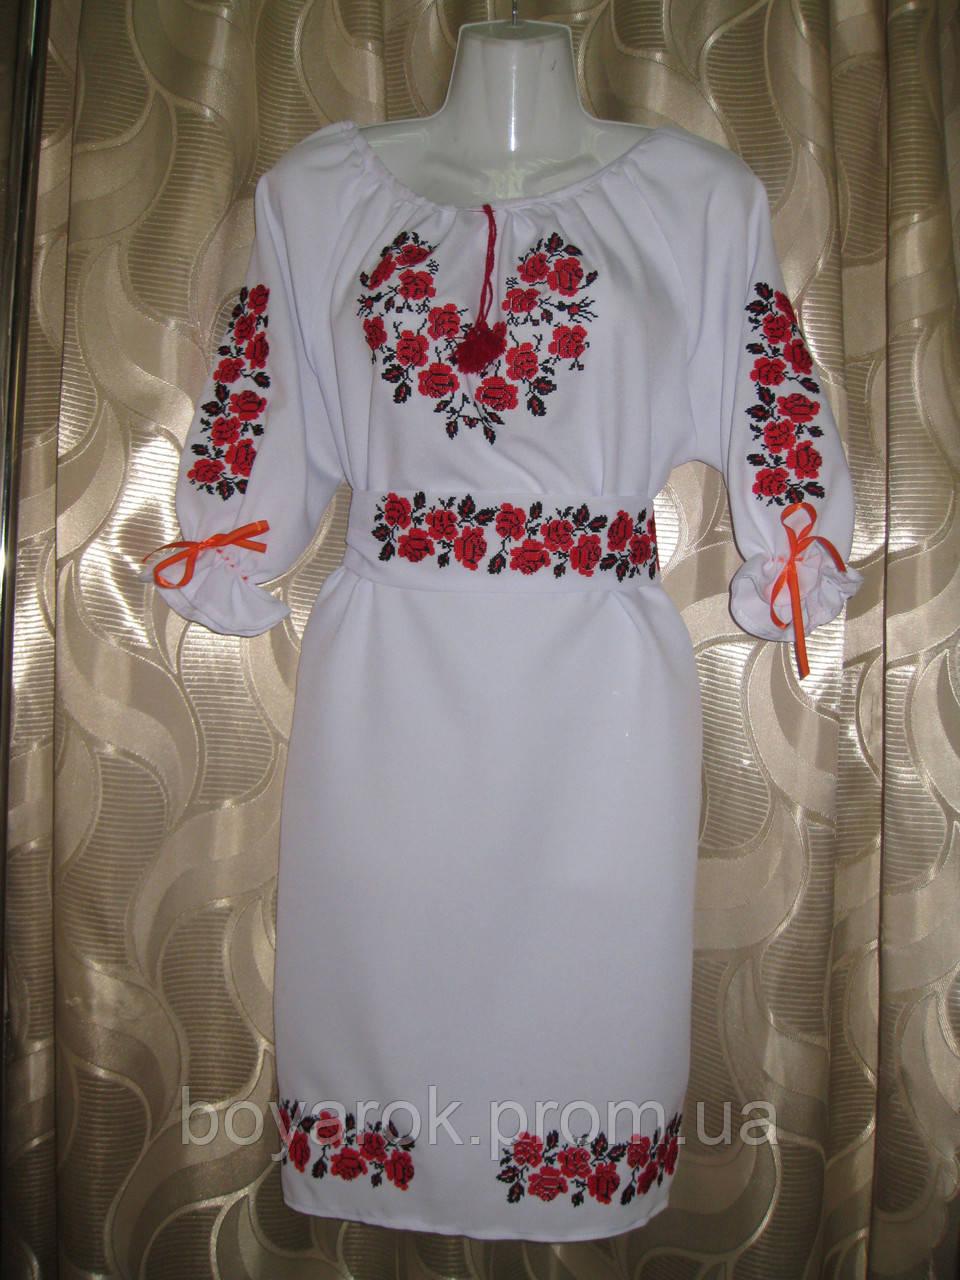 7f91b9a2f3f128 Жіноче плаття PG-21: продажа, цена в Чернівцях. етнічний одяг та ...